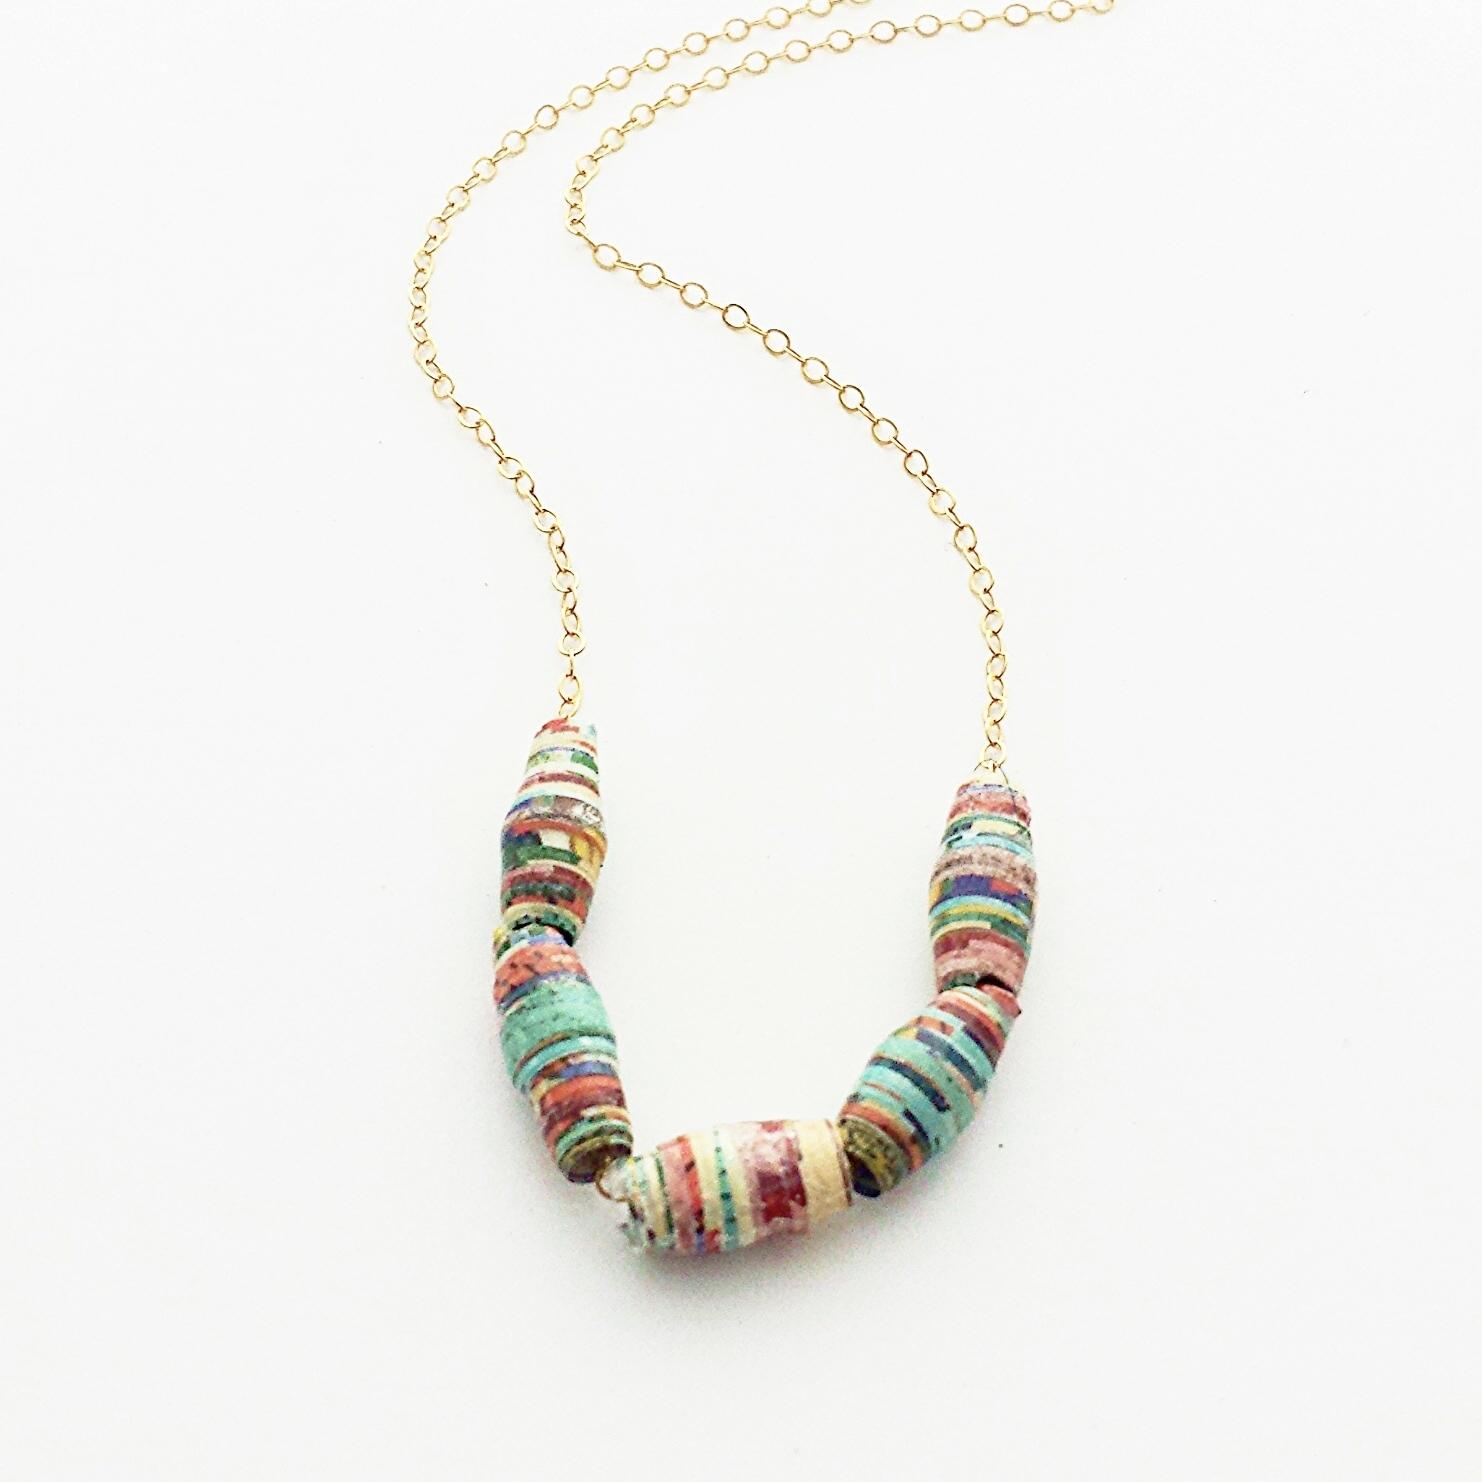 FMD Jewelry by Jenet